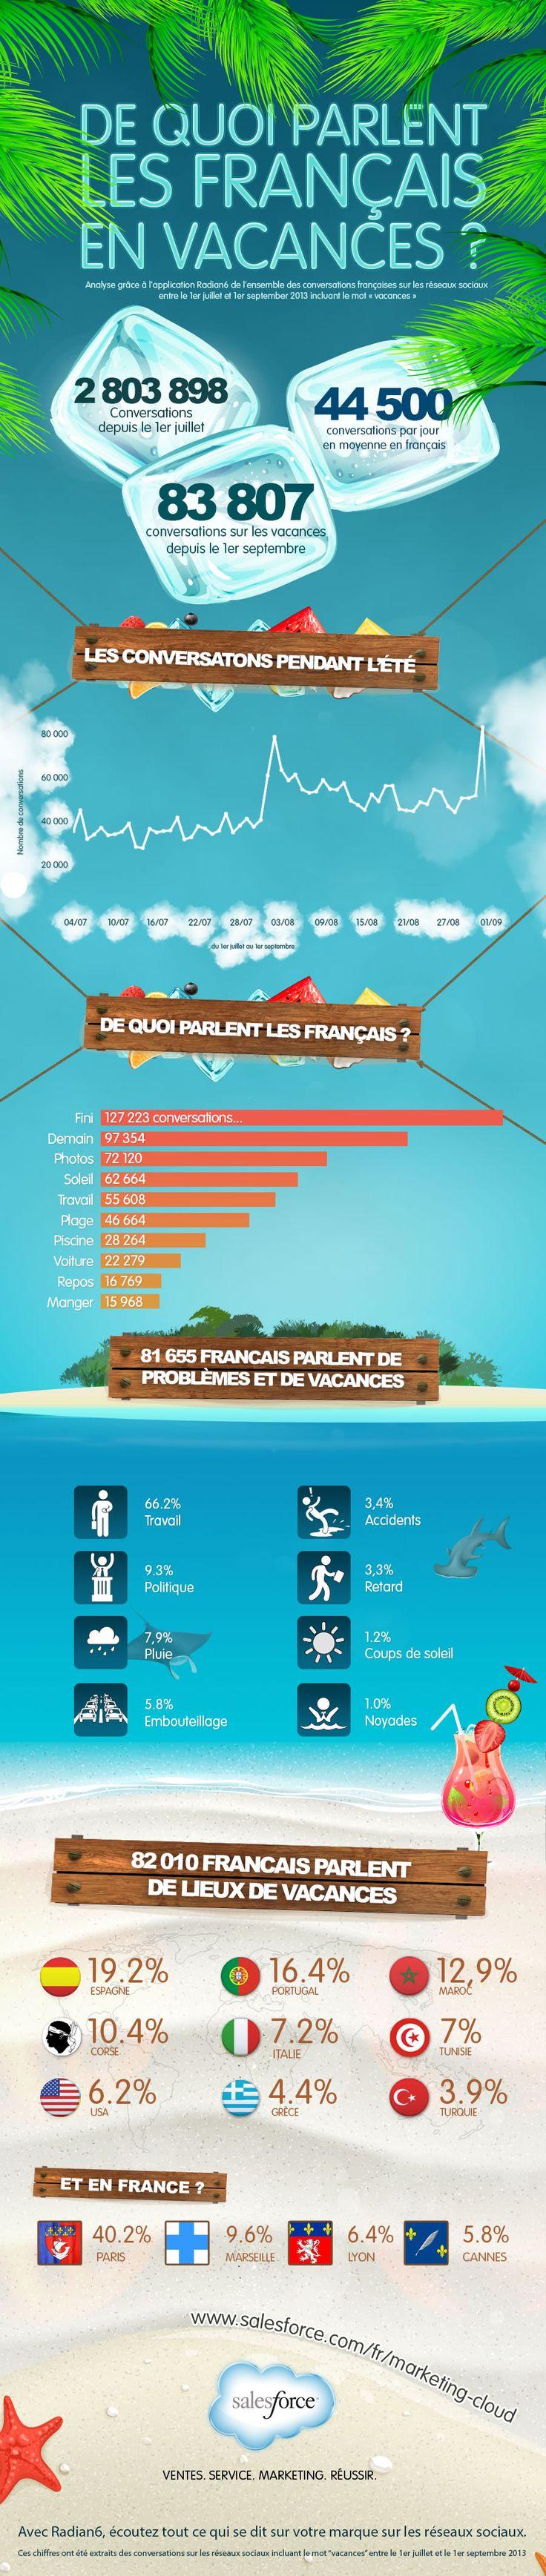 Sur le web, de quoi parlent les Français en vacances ?